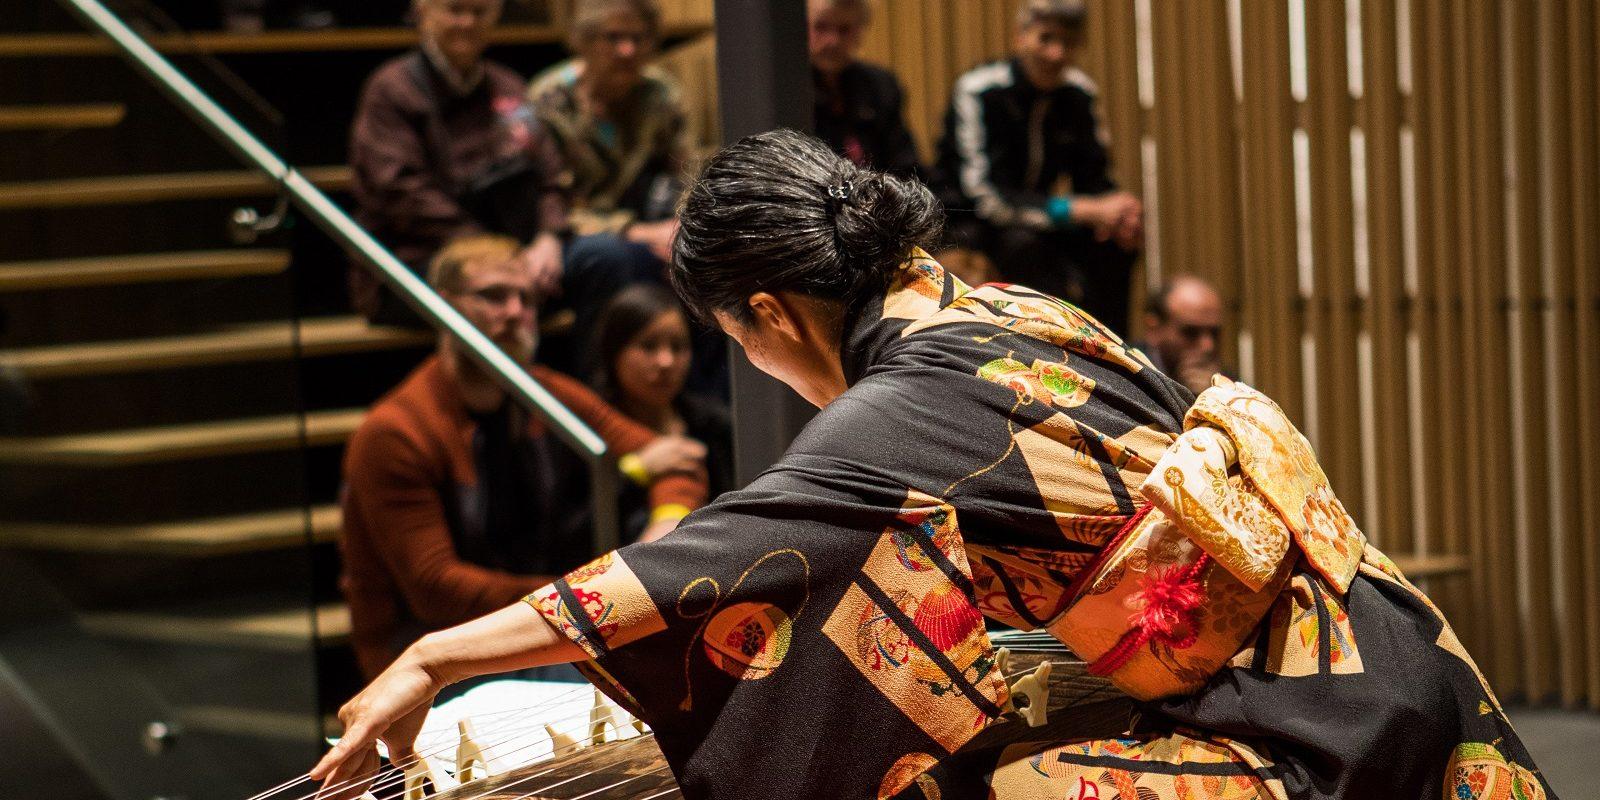 Mitsuki Dazai performing koto music at Moonviewing 2017